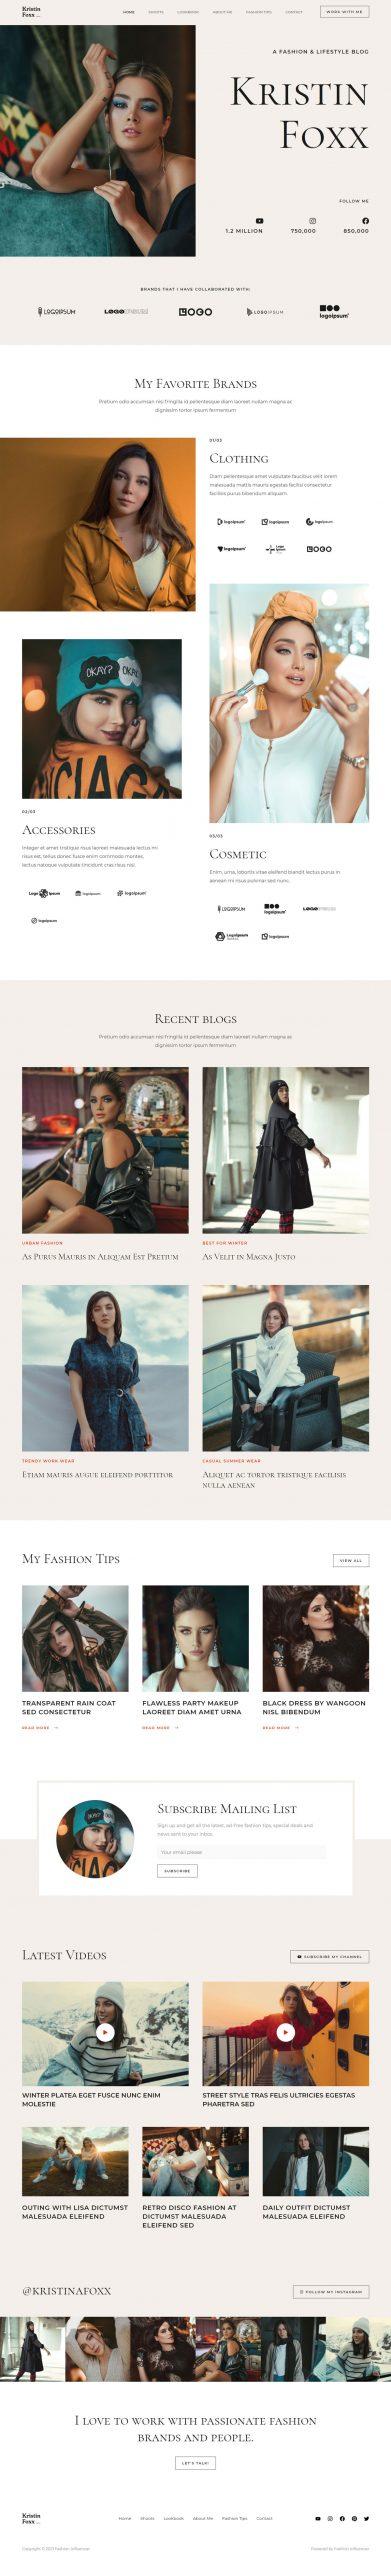 Adamo Web Design | Web Design Durham | fashion influencer 02 home scaled